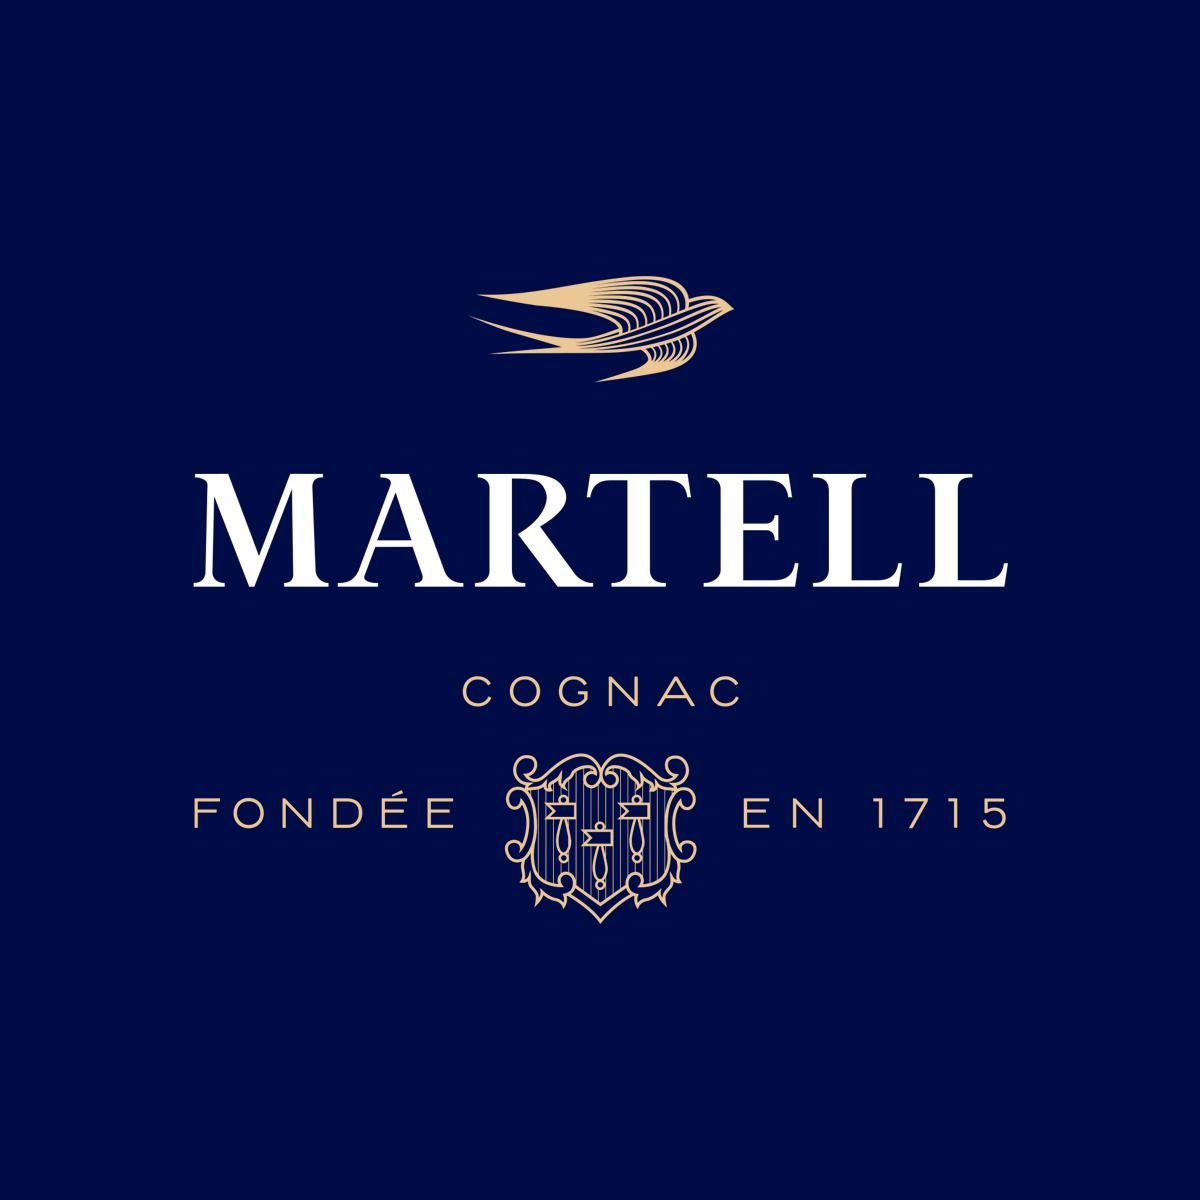 logo-martell-cognac